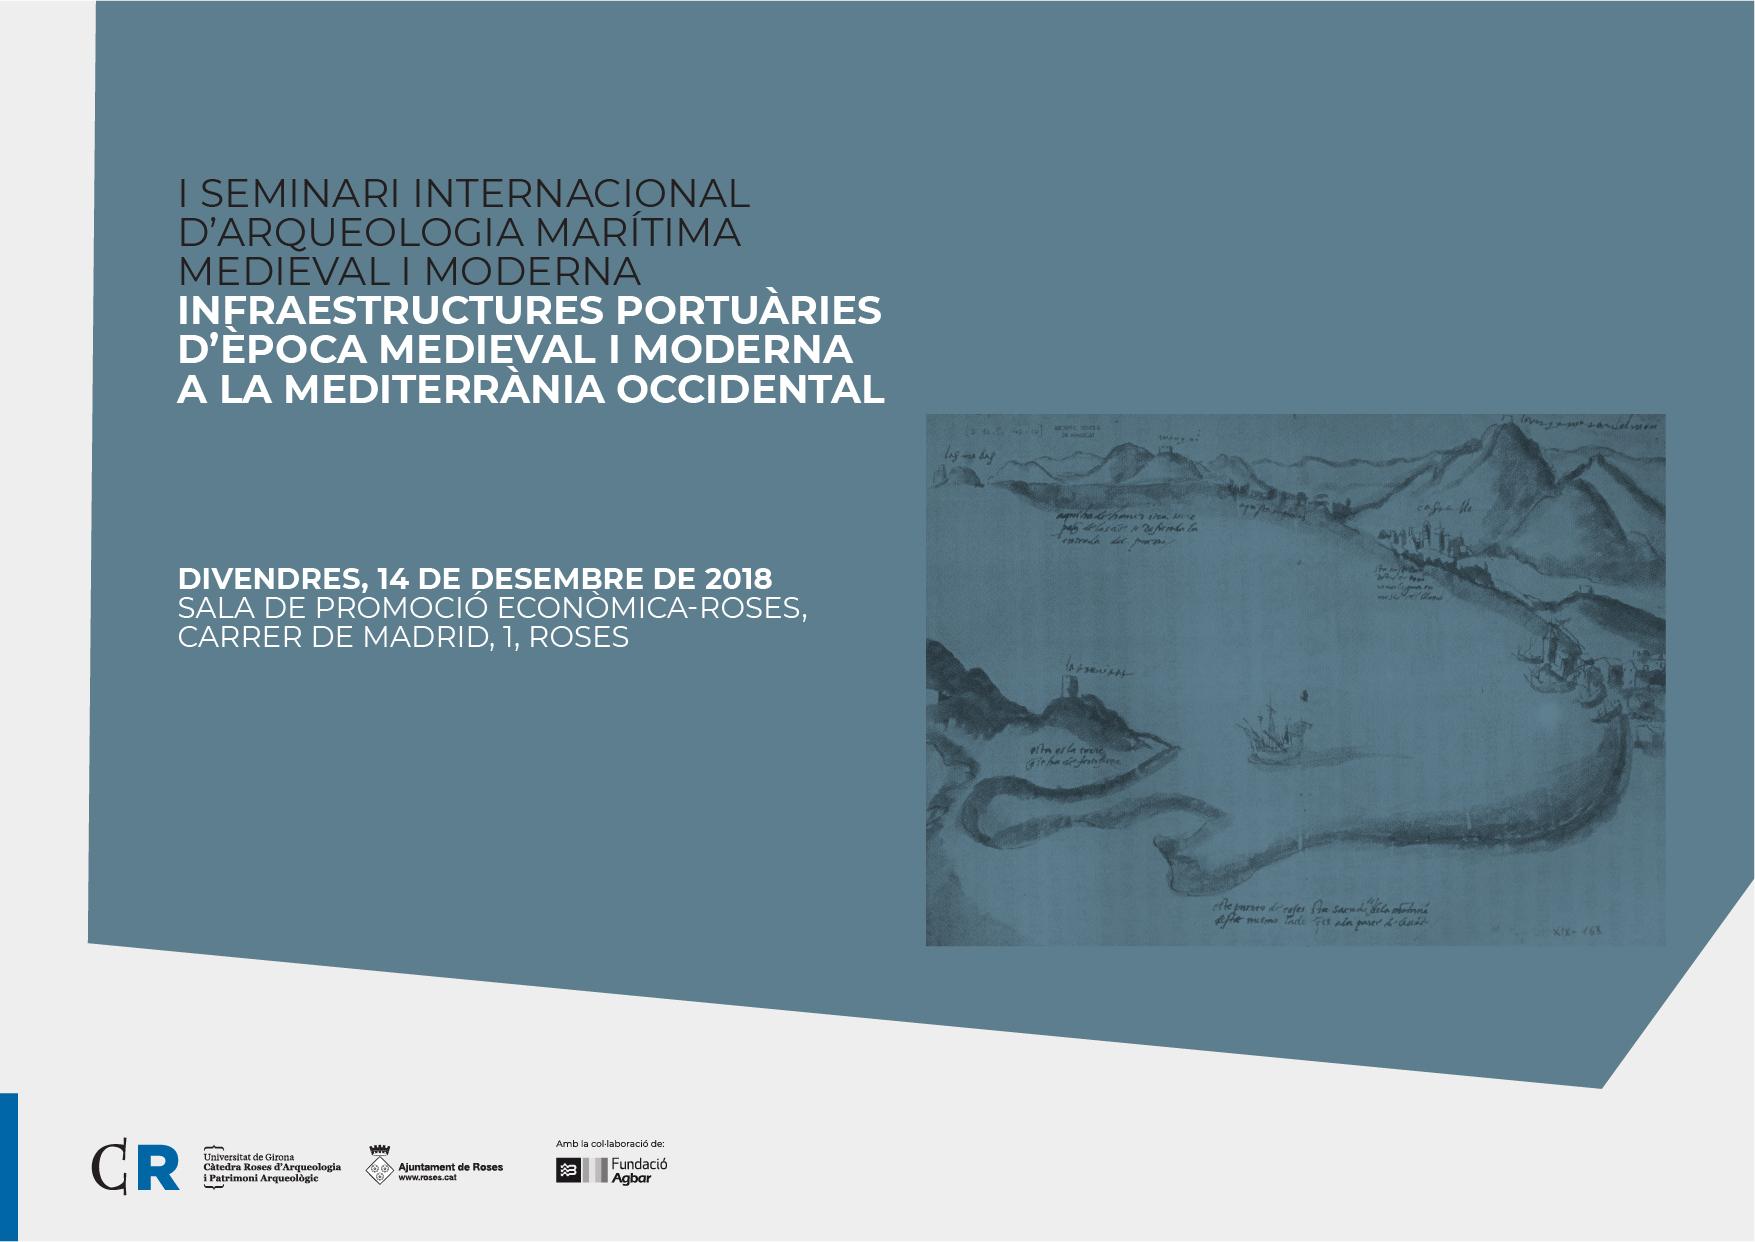 I Seminari Internacional d'Arqueologia Marítima Medieval i Moderna a Roses